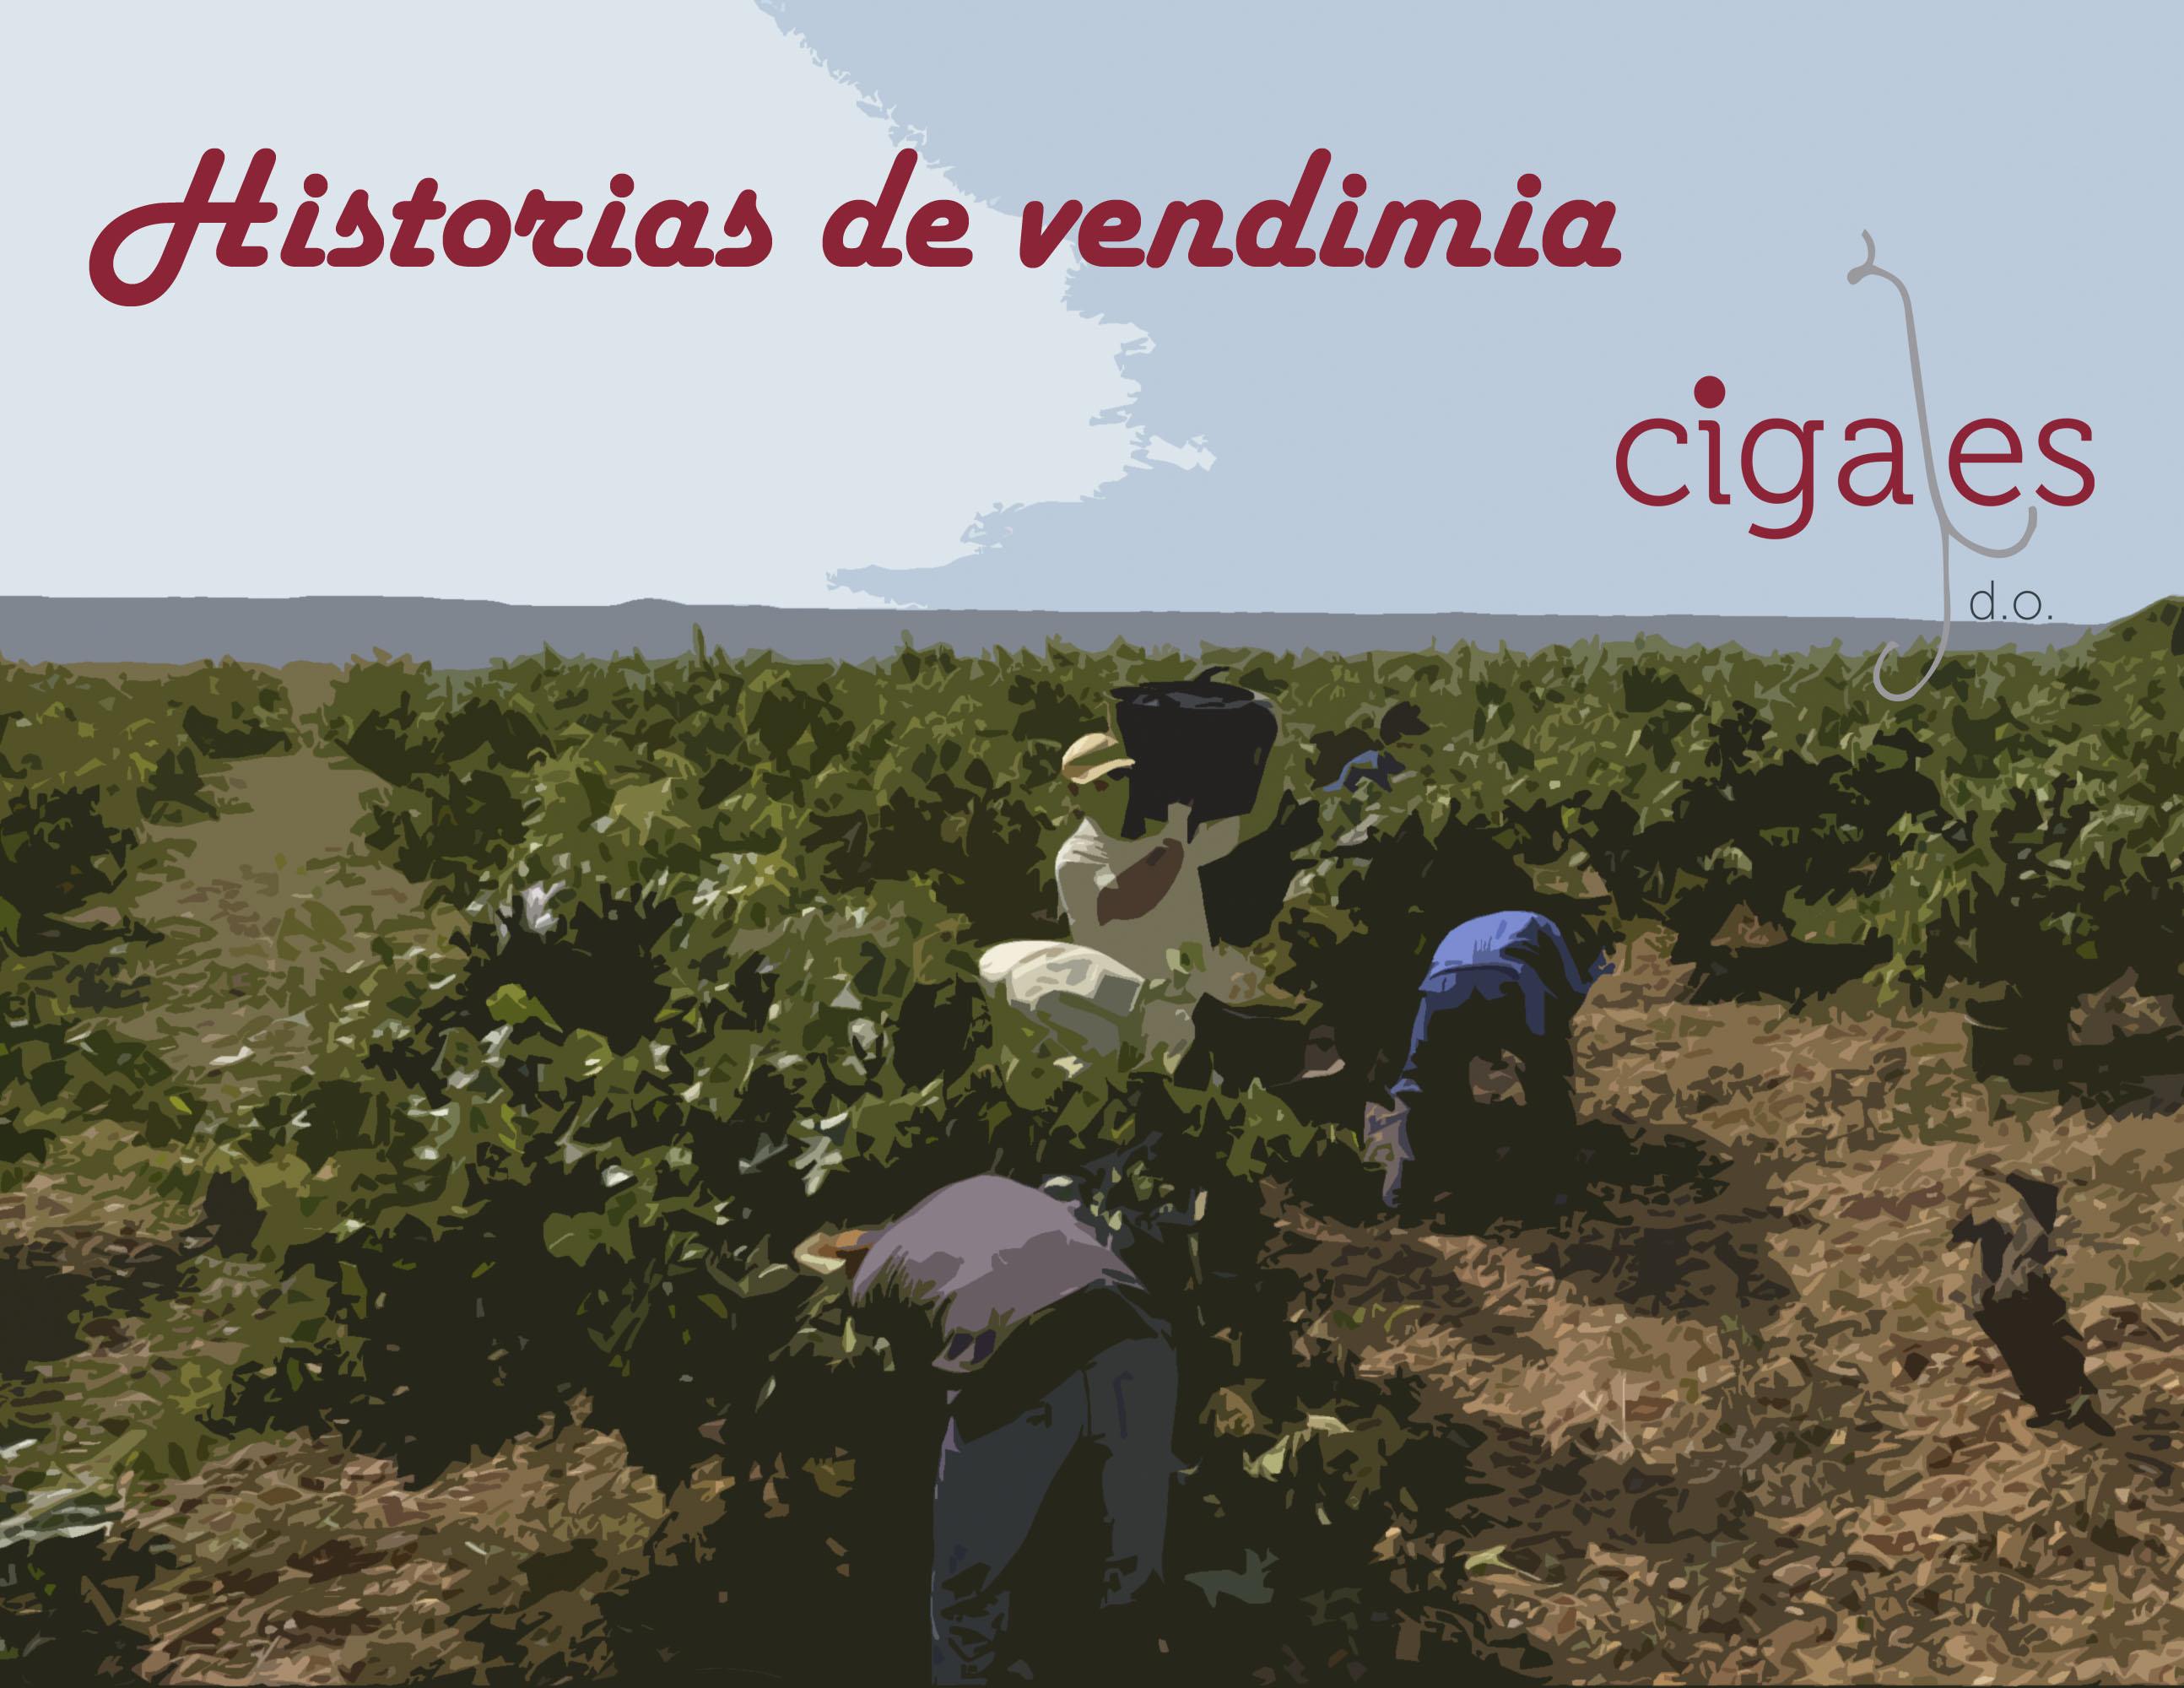 Historias de Vendimia DO Cigales con nuestras bodegas a solo un click